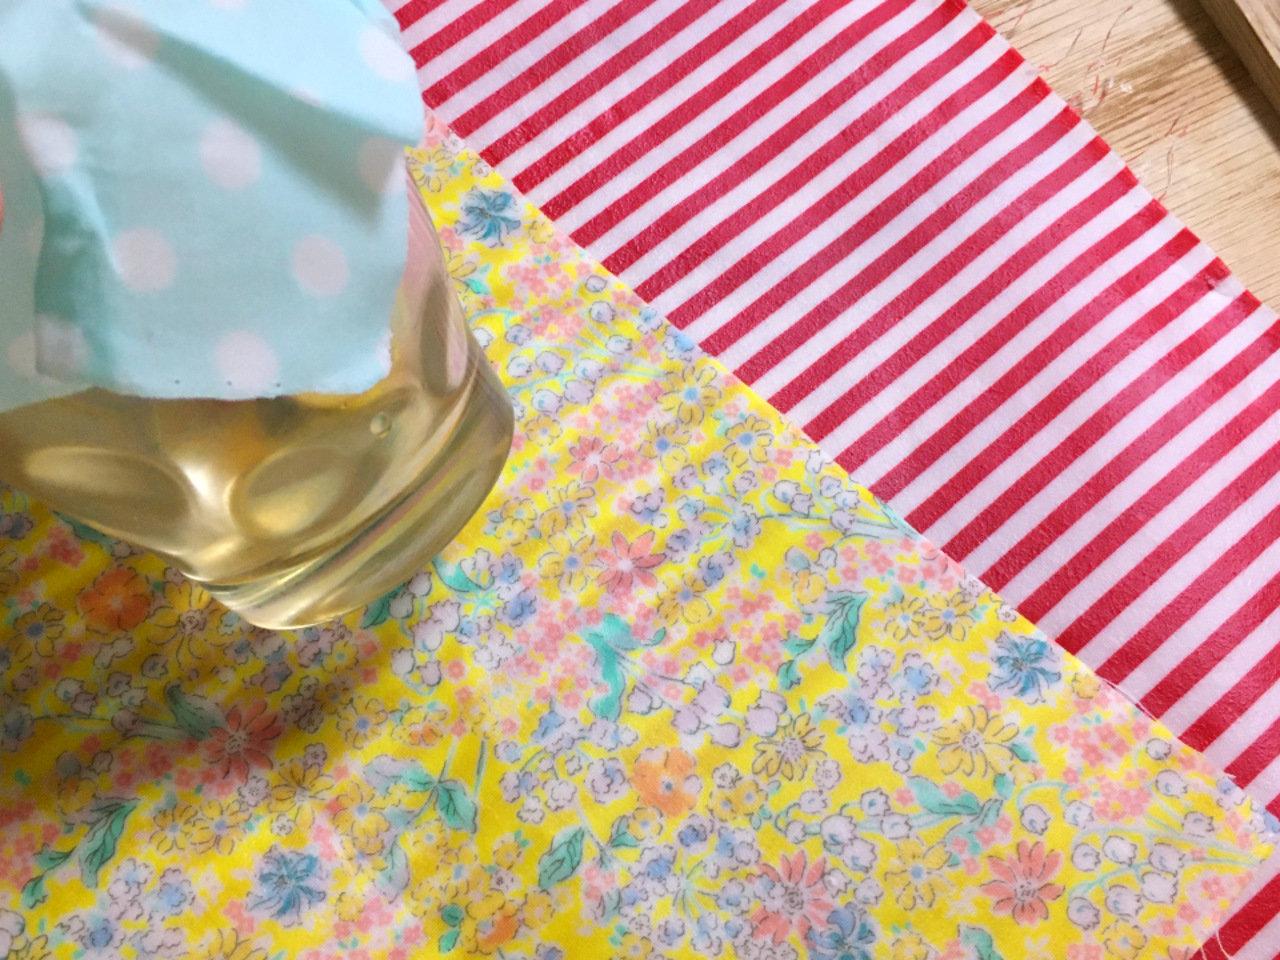 おうち時間を華やかに!お気に入りの布でつくる「みつろうラップ」の作り方